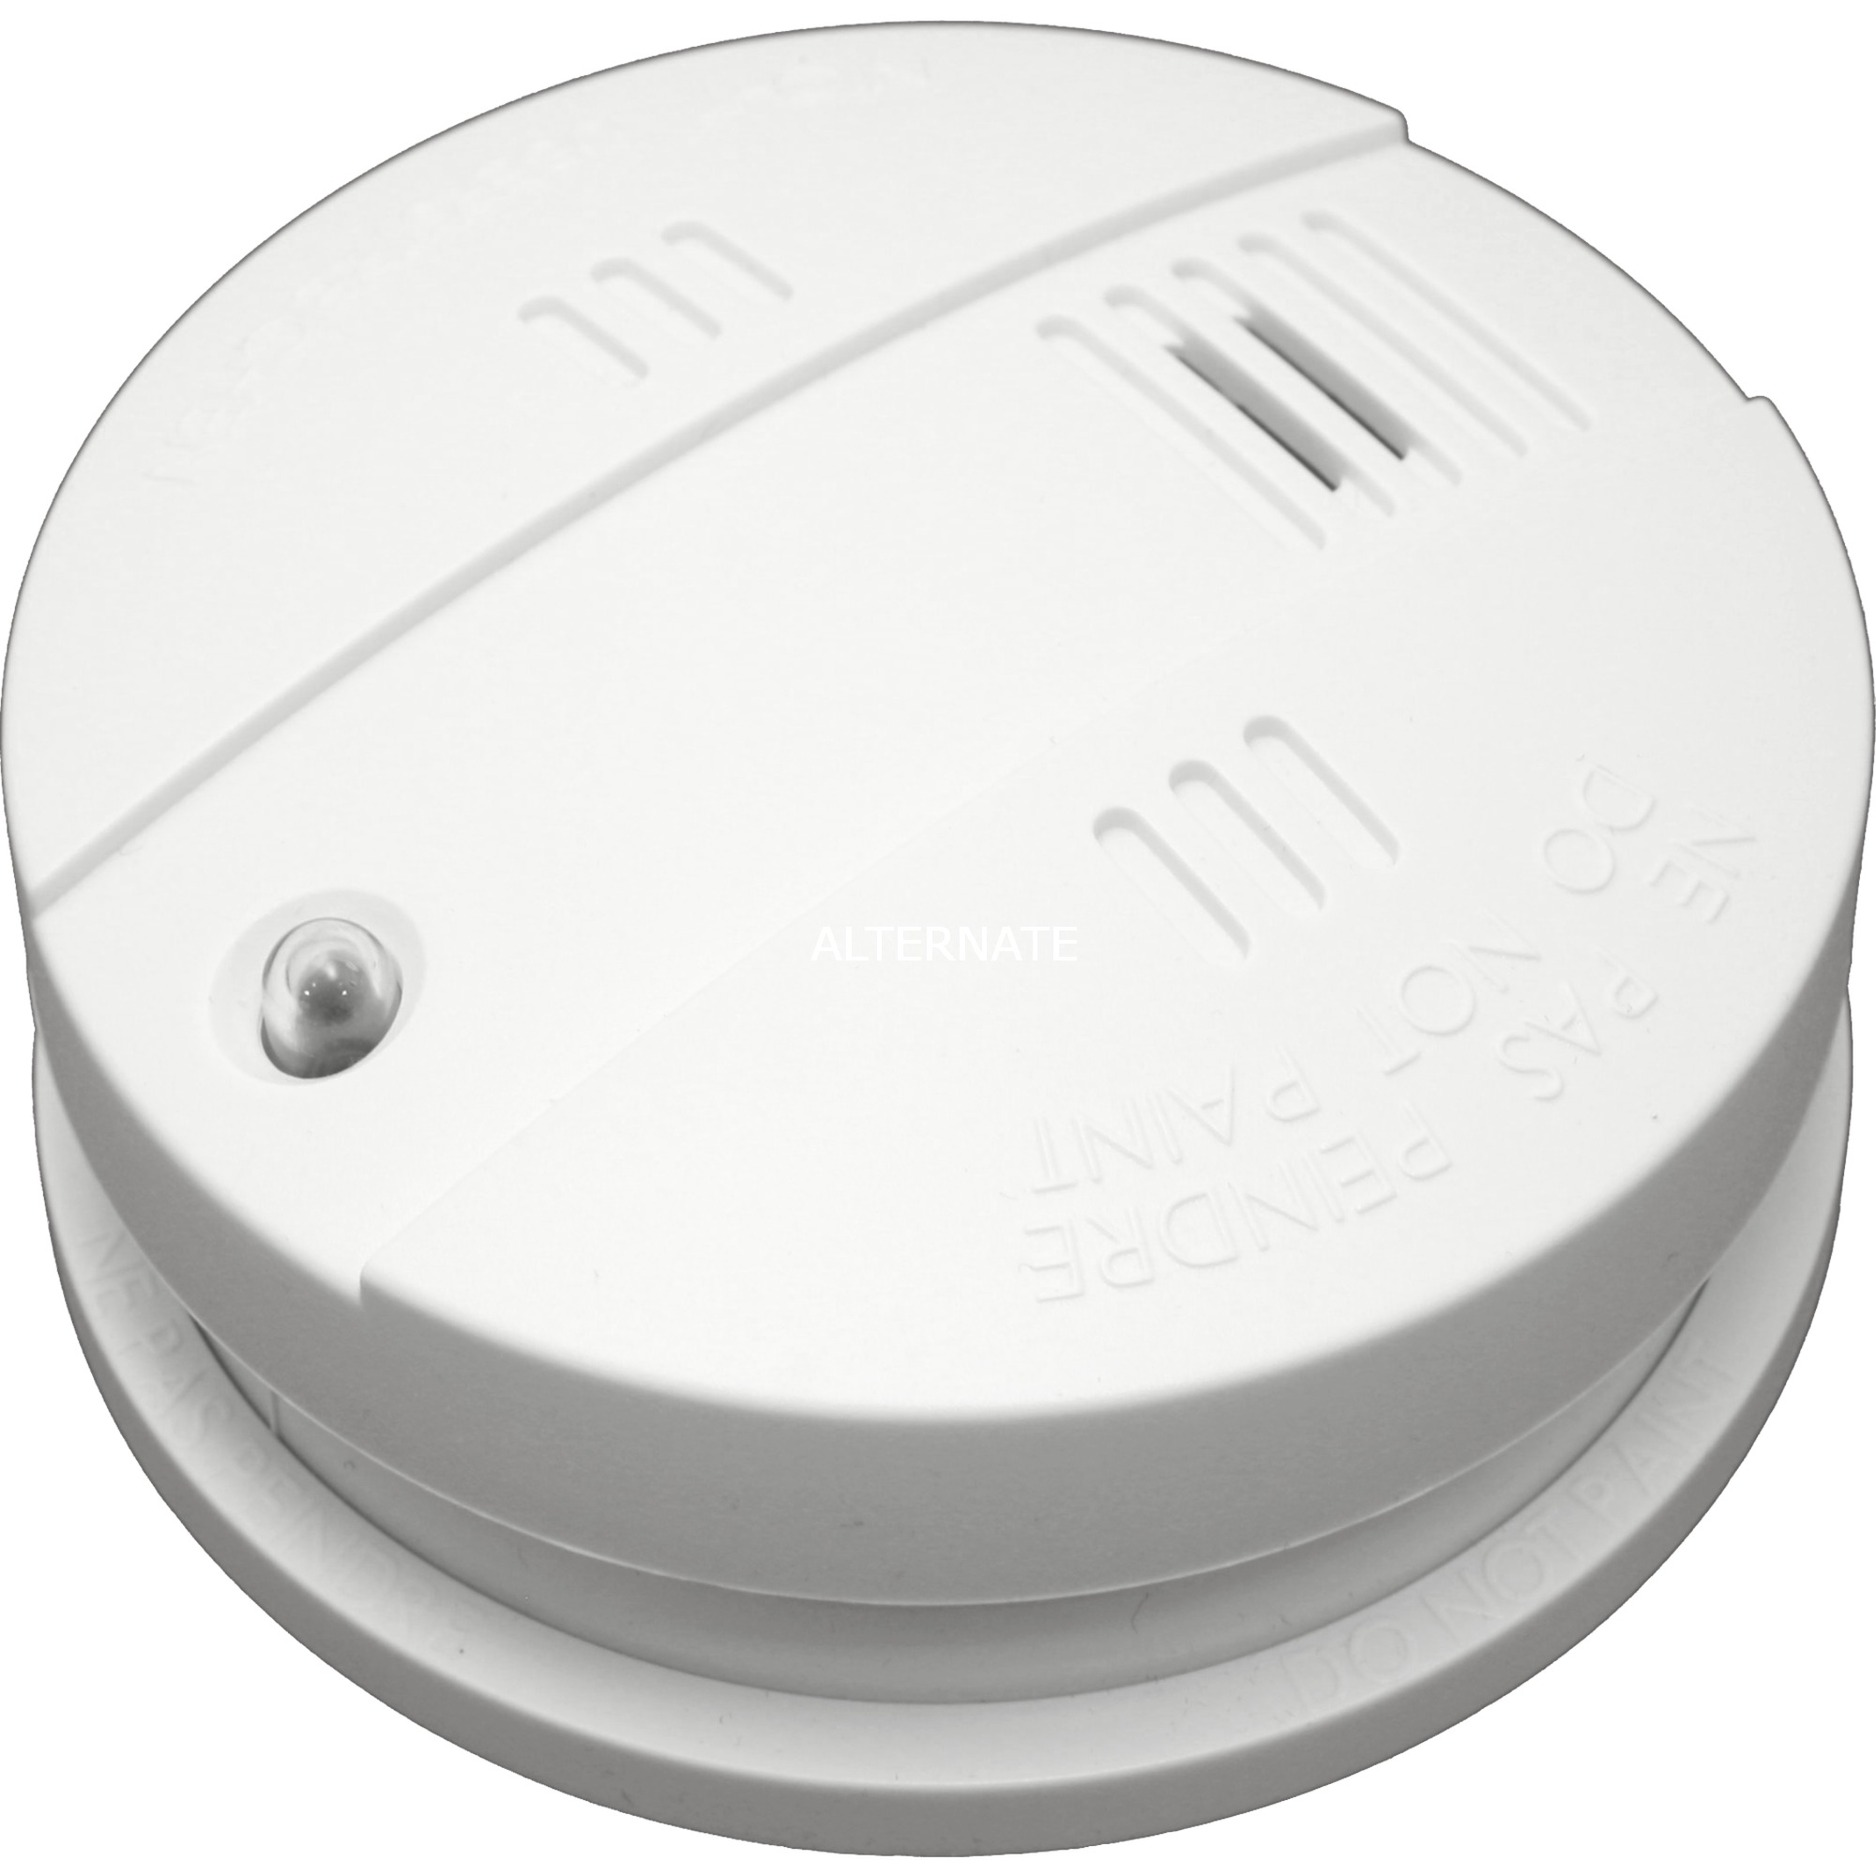 POPE004001 Interconectables Inalámbrico detector de humo